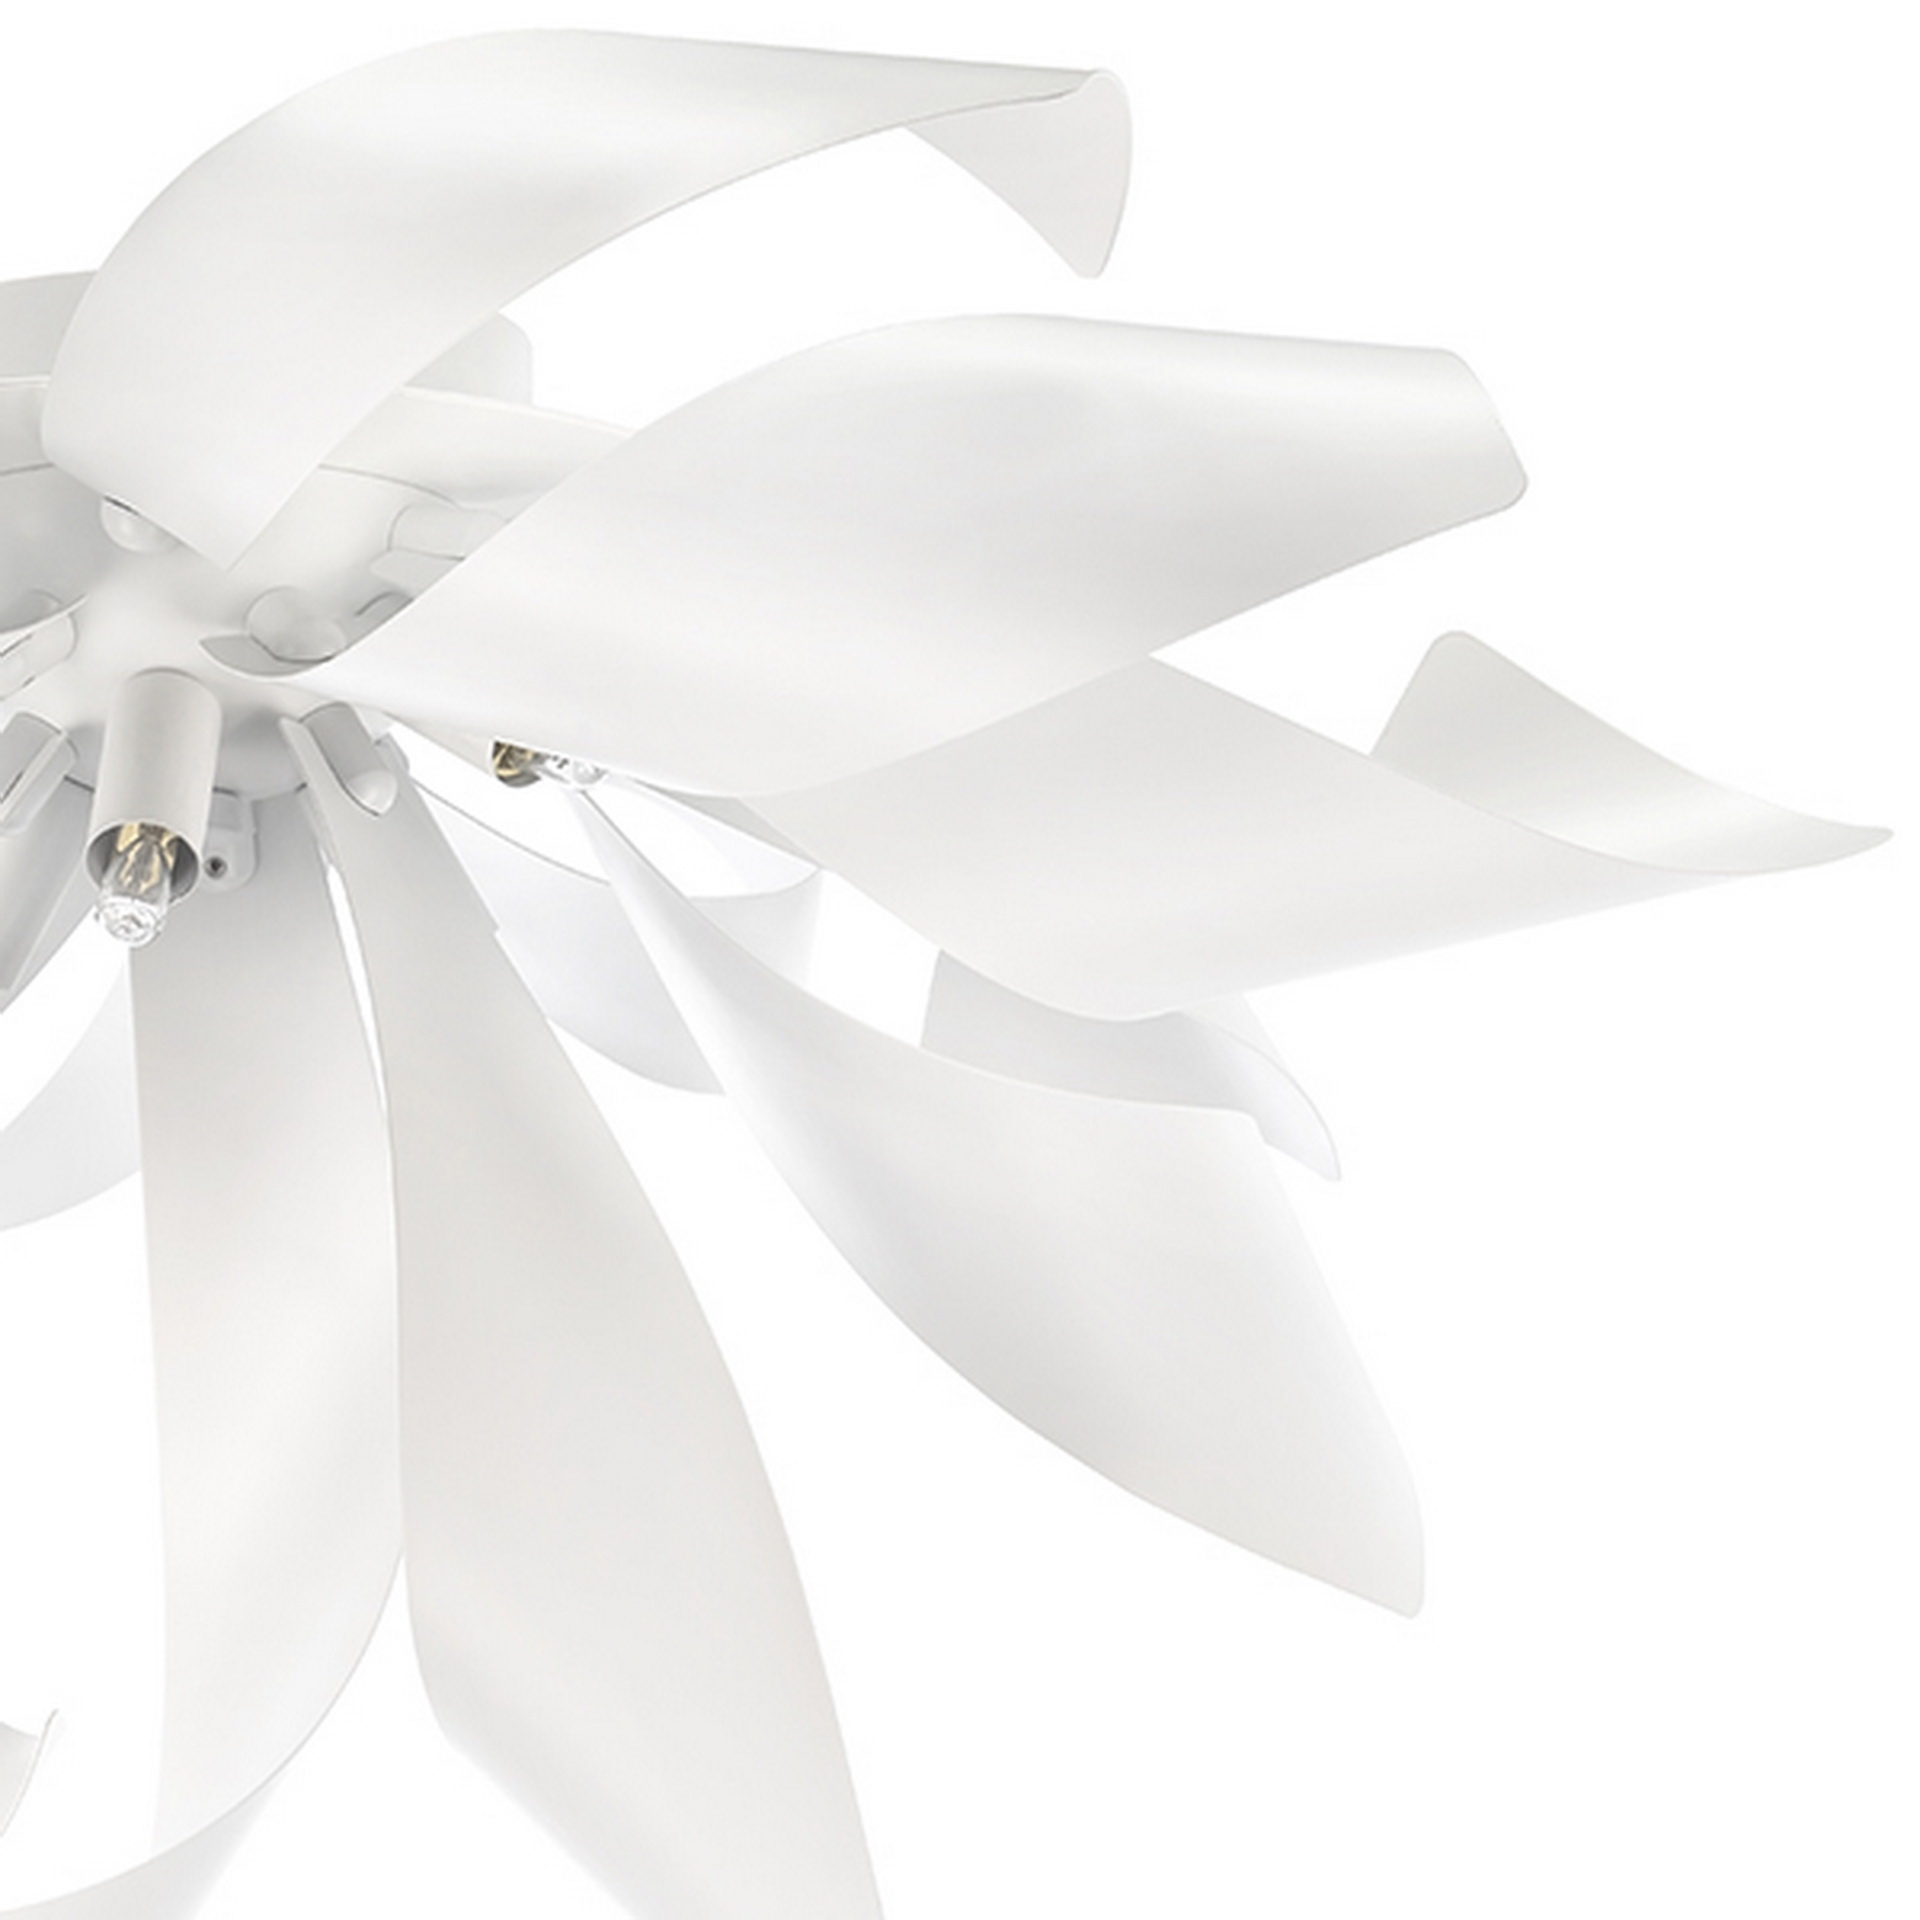 Люстра потолочная Turbio 6Х40W G9 матовая белая Lightstar 754166, купить в СПб, Москве, с доставкой, Санкт-Петербург, интернет-магазин люстр и светильников Starlight, фото в жизни